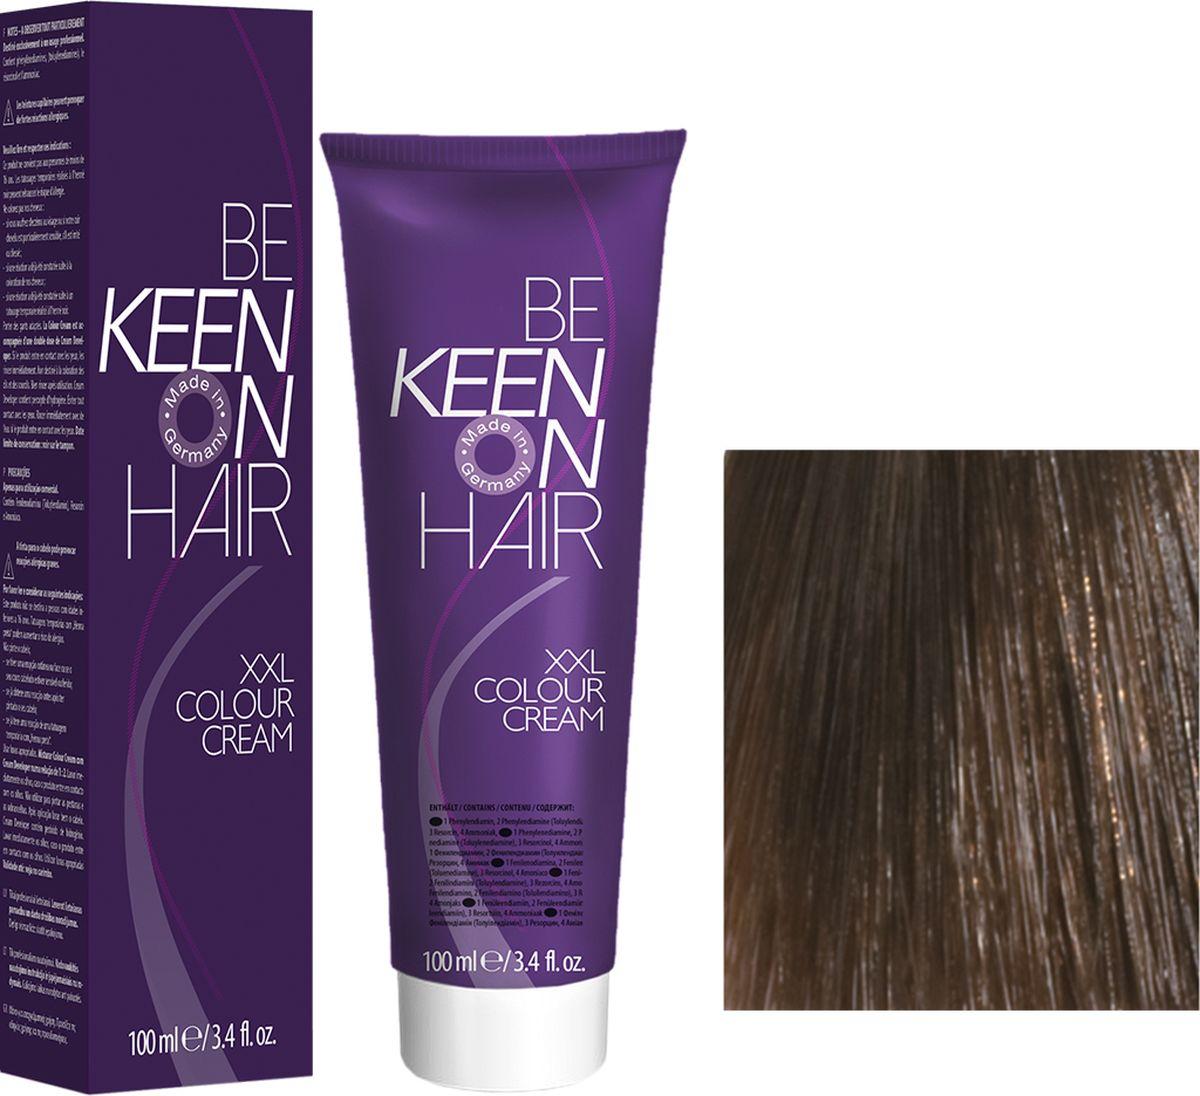 Keen Краска для волос 6.0 Темный блондин Dunkelblond, 100 мл69100034Модные оттенкиБолее 100 оттенков для креативной комбинации цветов.ЭкономичностьПри использовании тюбика 100 мл вы получаете оптимальное соотношение цены и качества!УходМолочный белок поддерживает структуру волоса во время окрашивания и придает волосам блеск и шелковистость. Протеины хорошо встраиваются в волосы и снабжают их влагой.